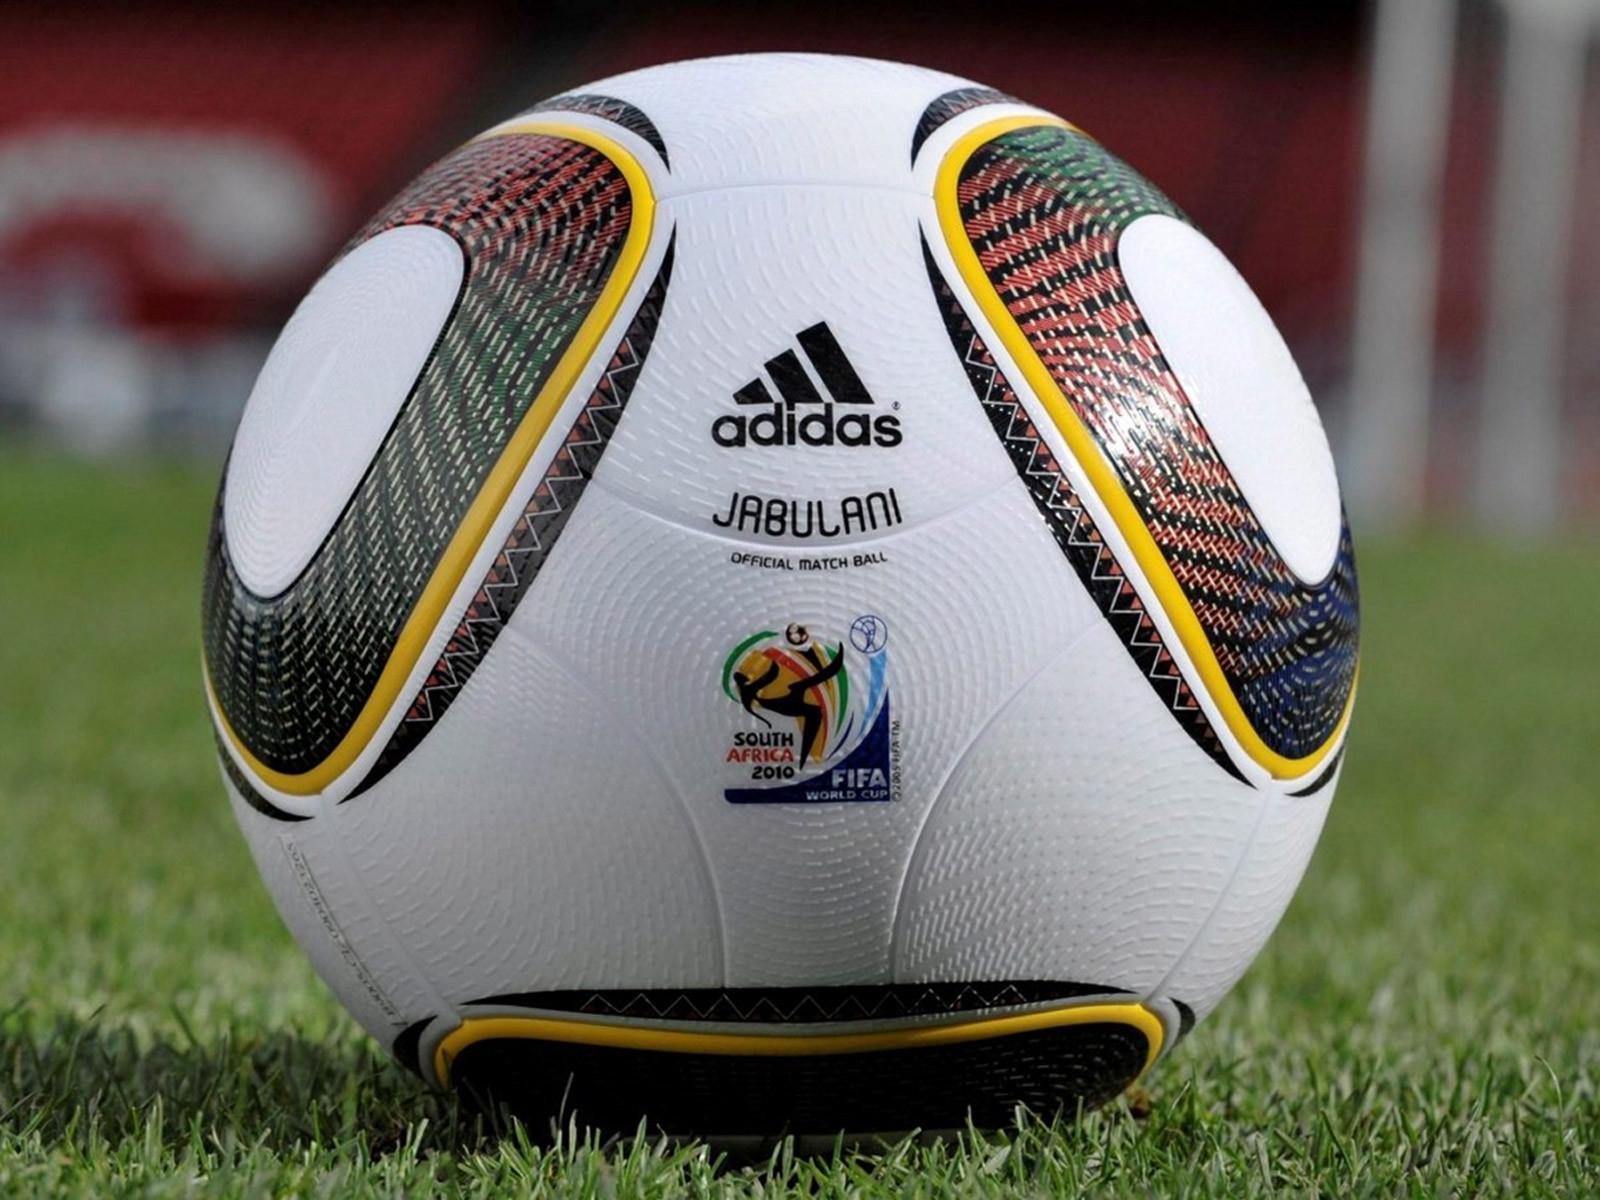 Спорт футбол мяч чемпионат игра